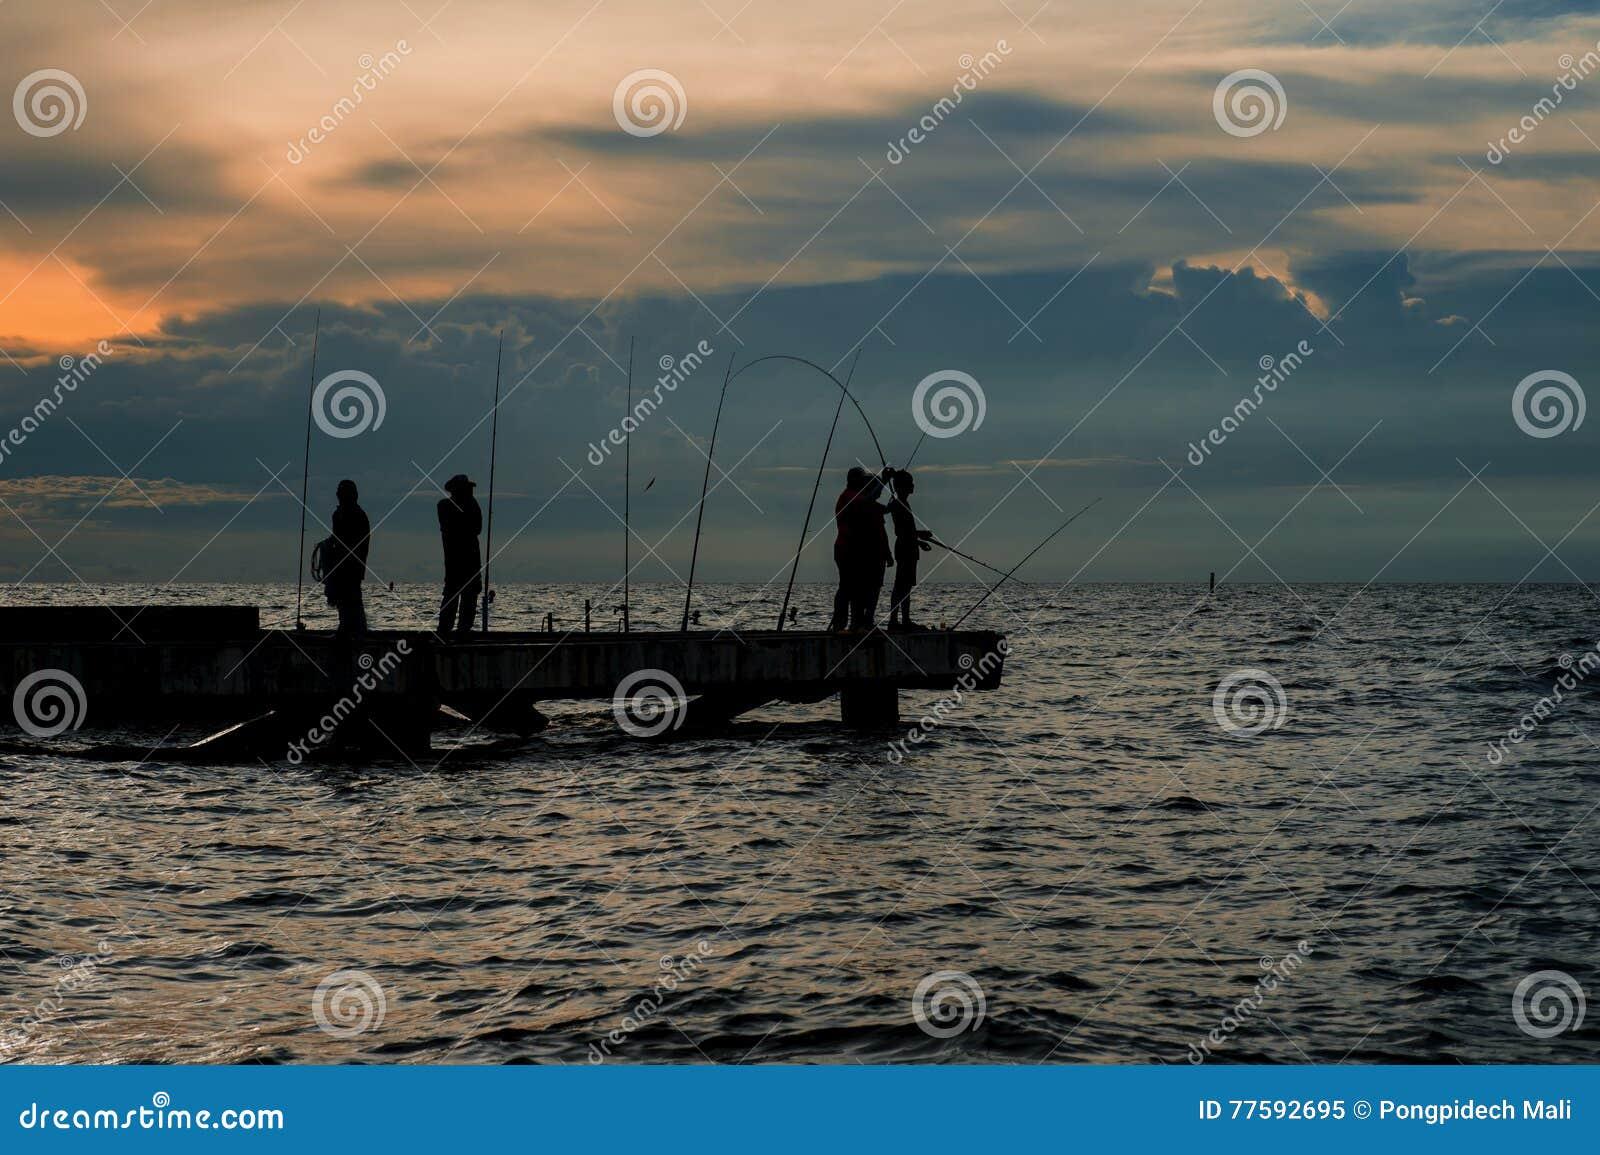 Fishing local on sea in Thai